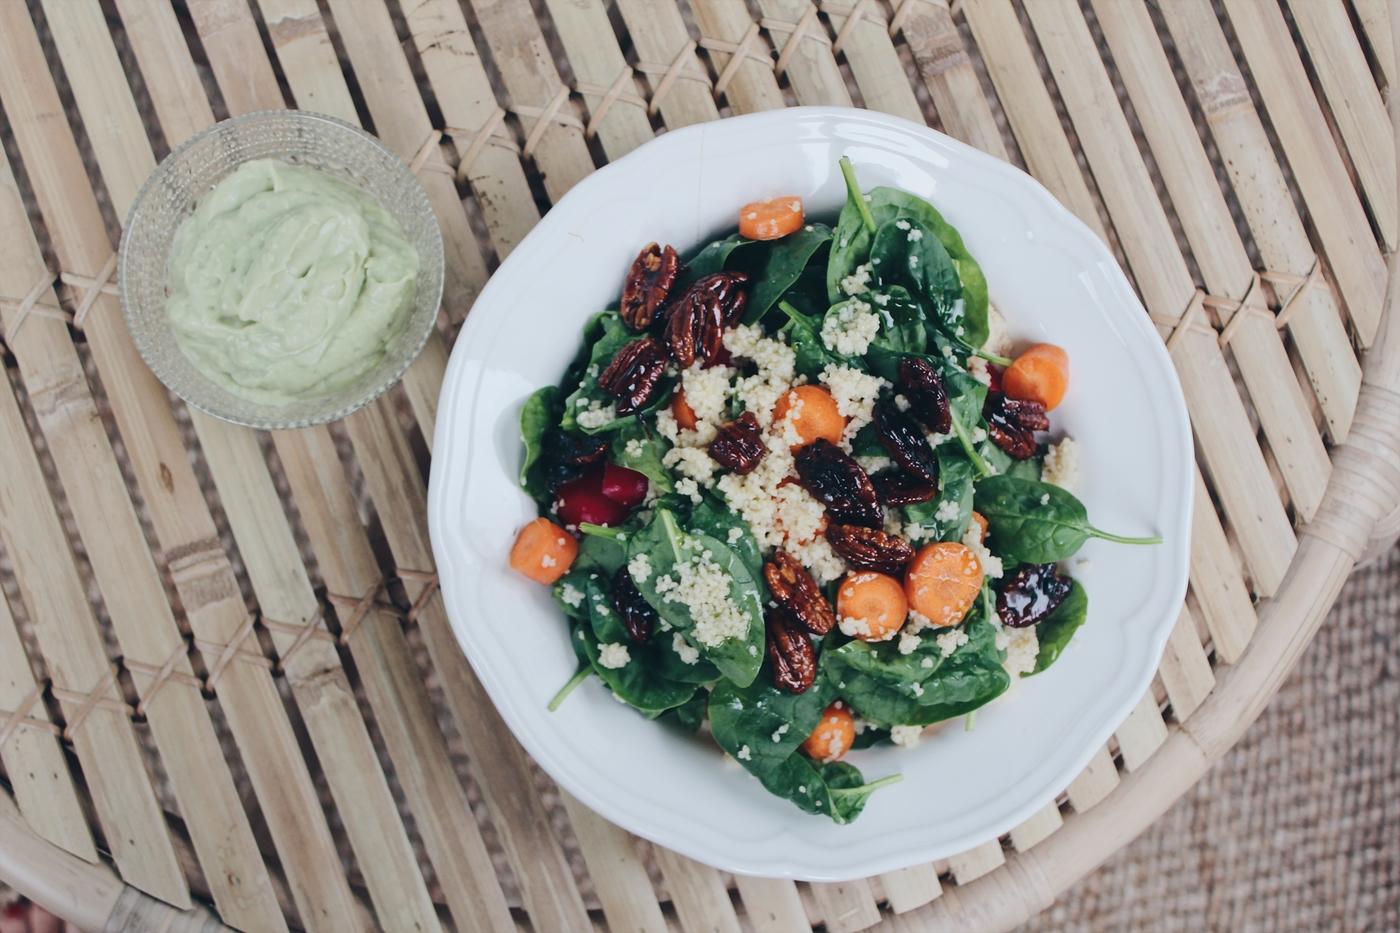 Melkein vegaaninen mättösalaatti ja pari ajatusta kasvissyönnistä